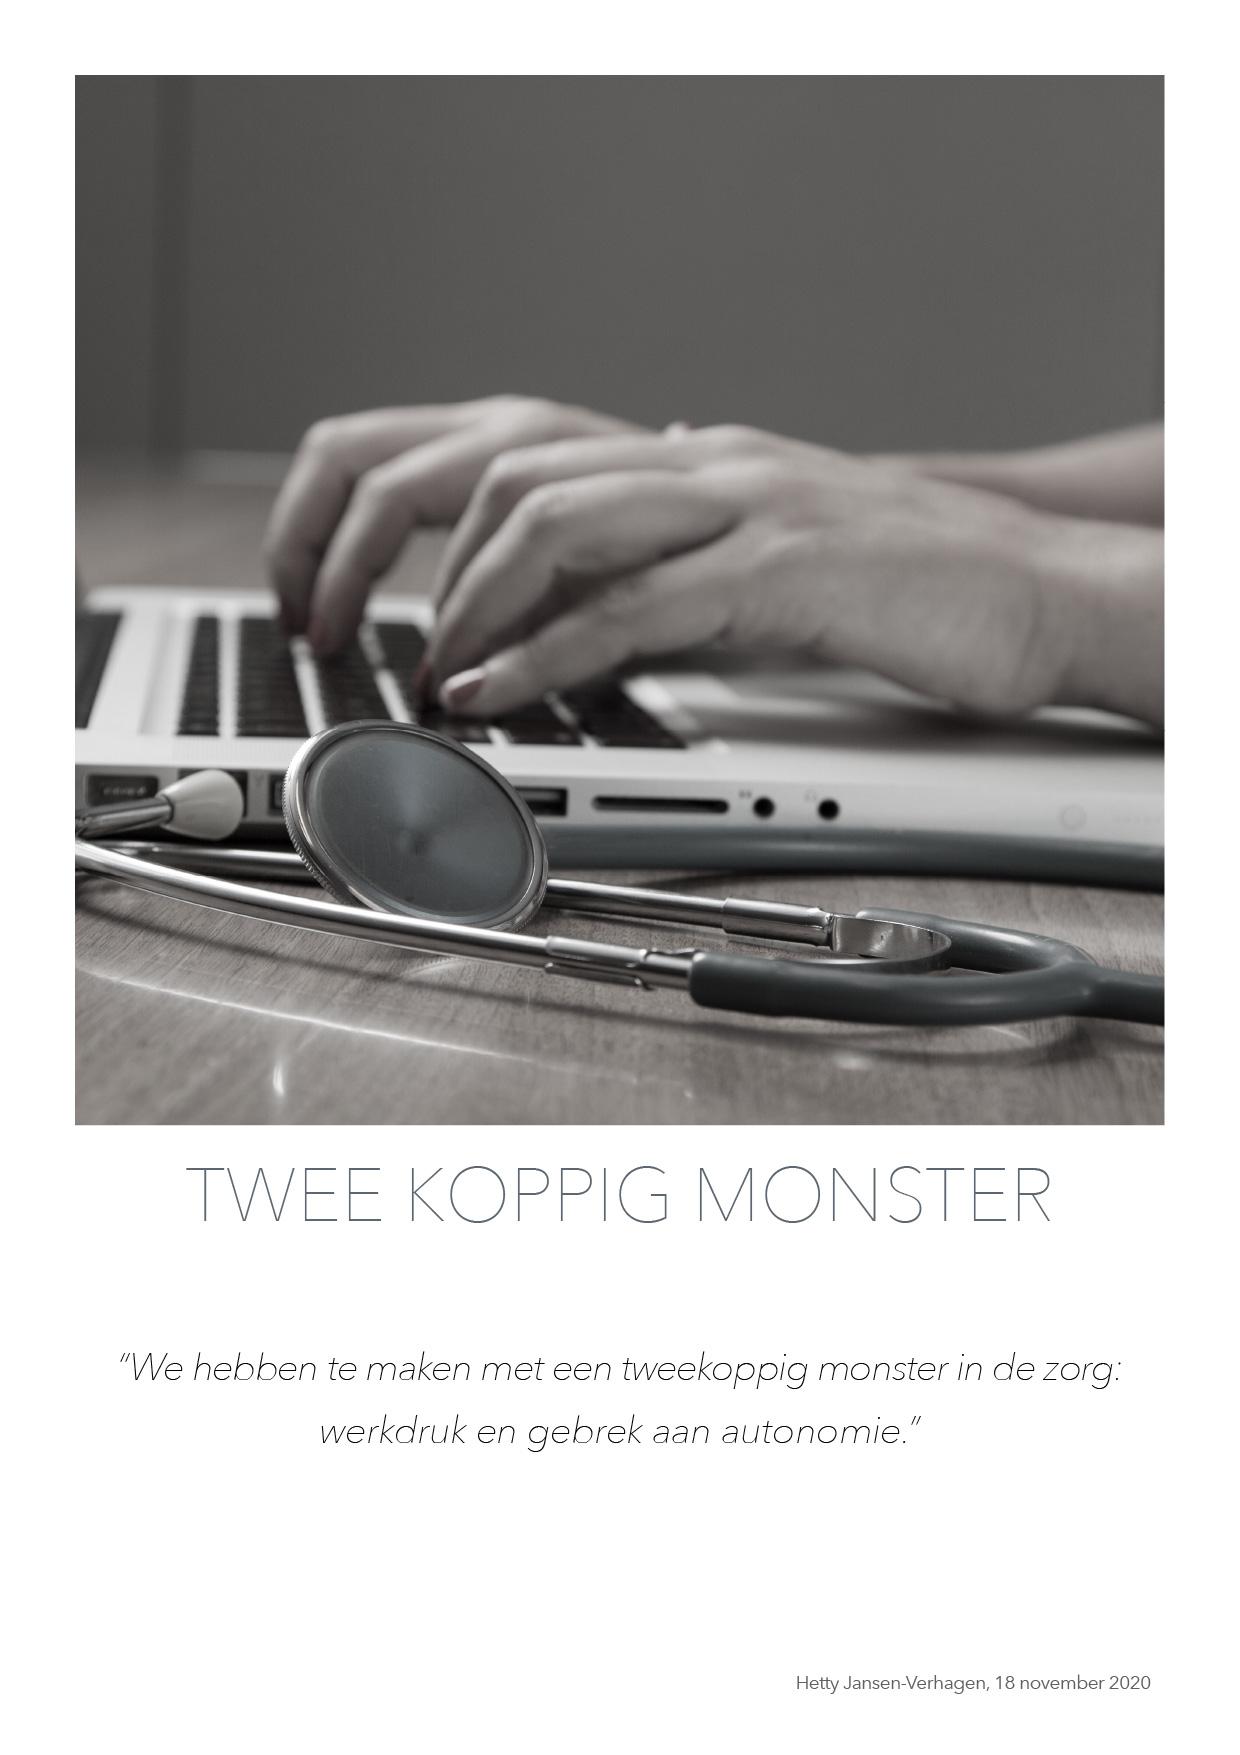 Twee koppig monster - quote HJTC